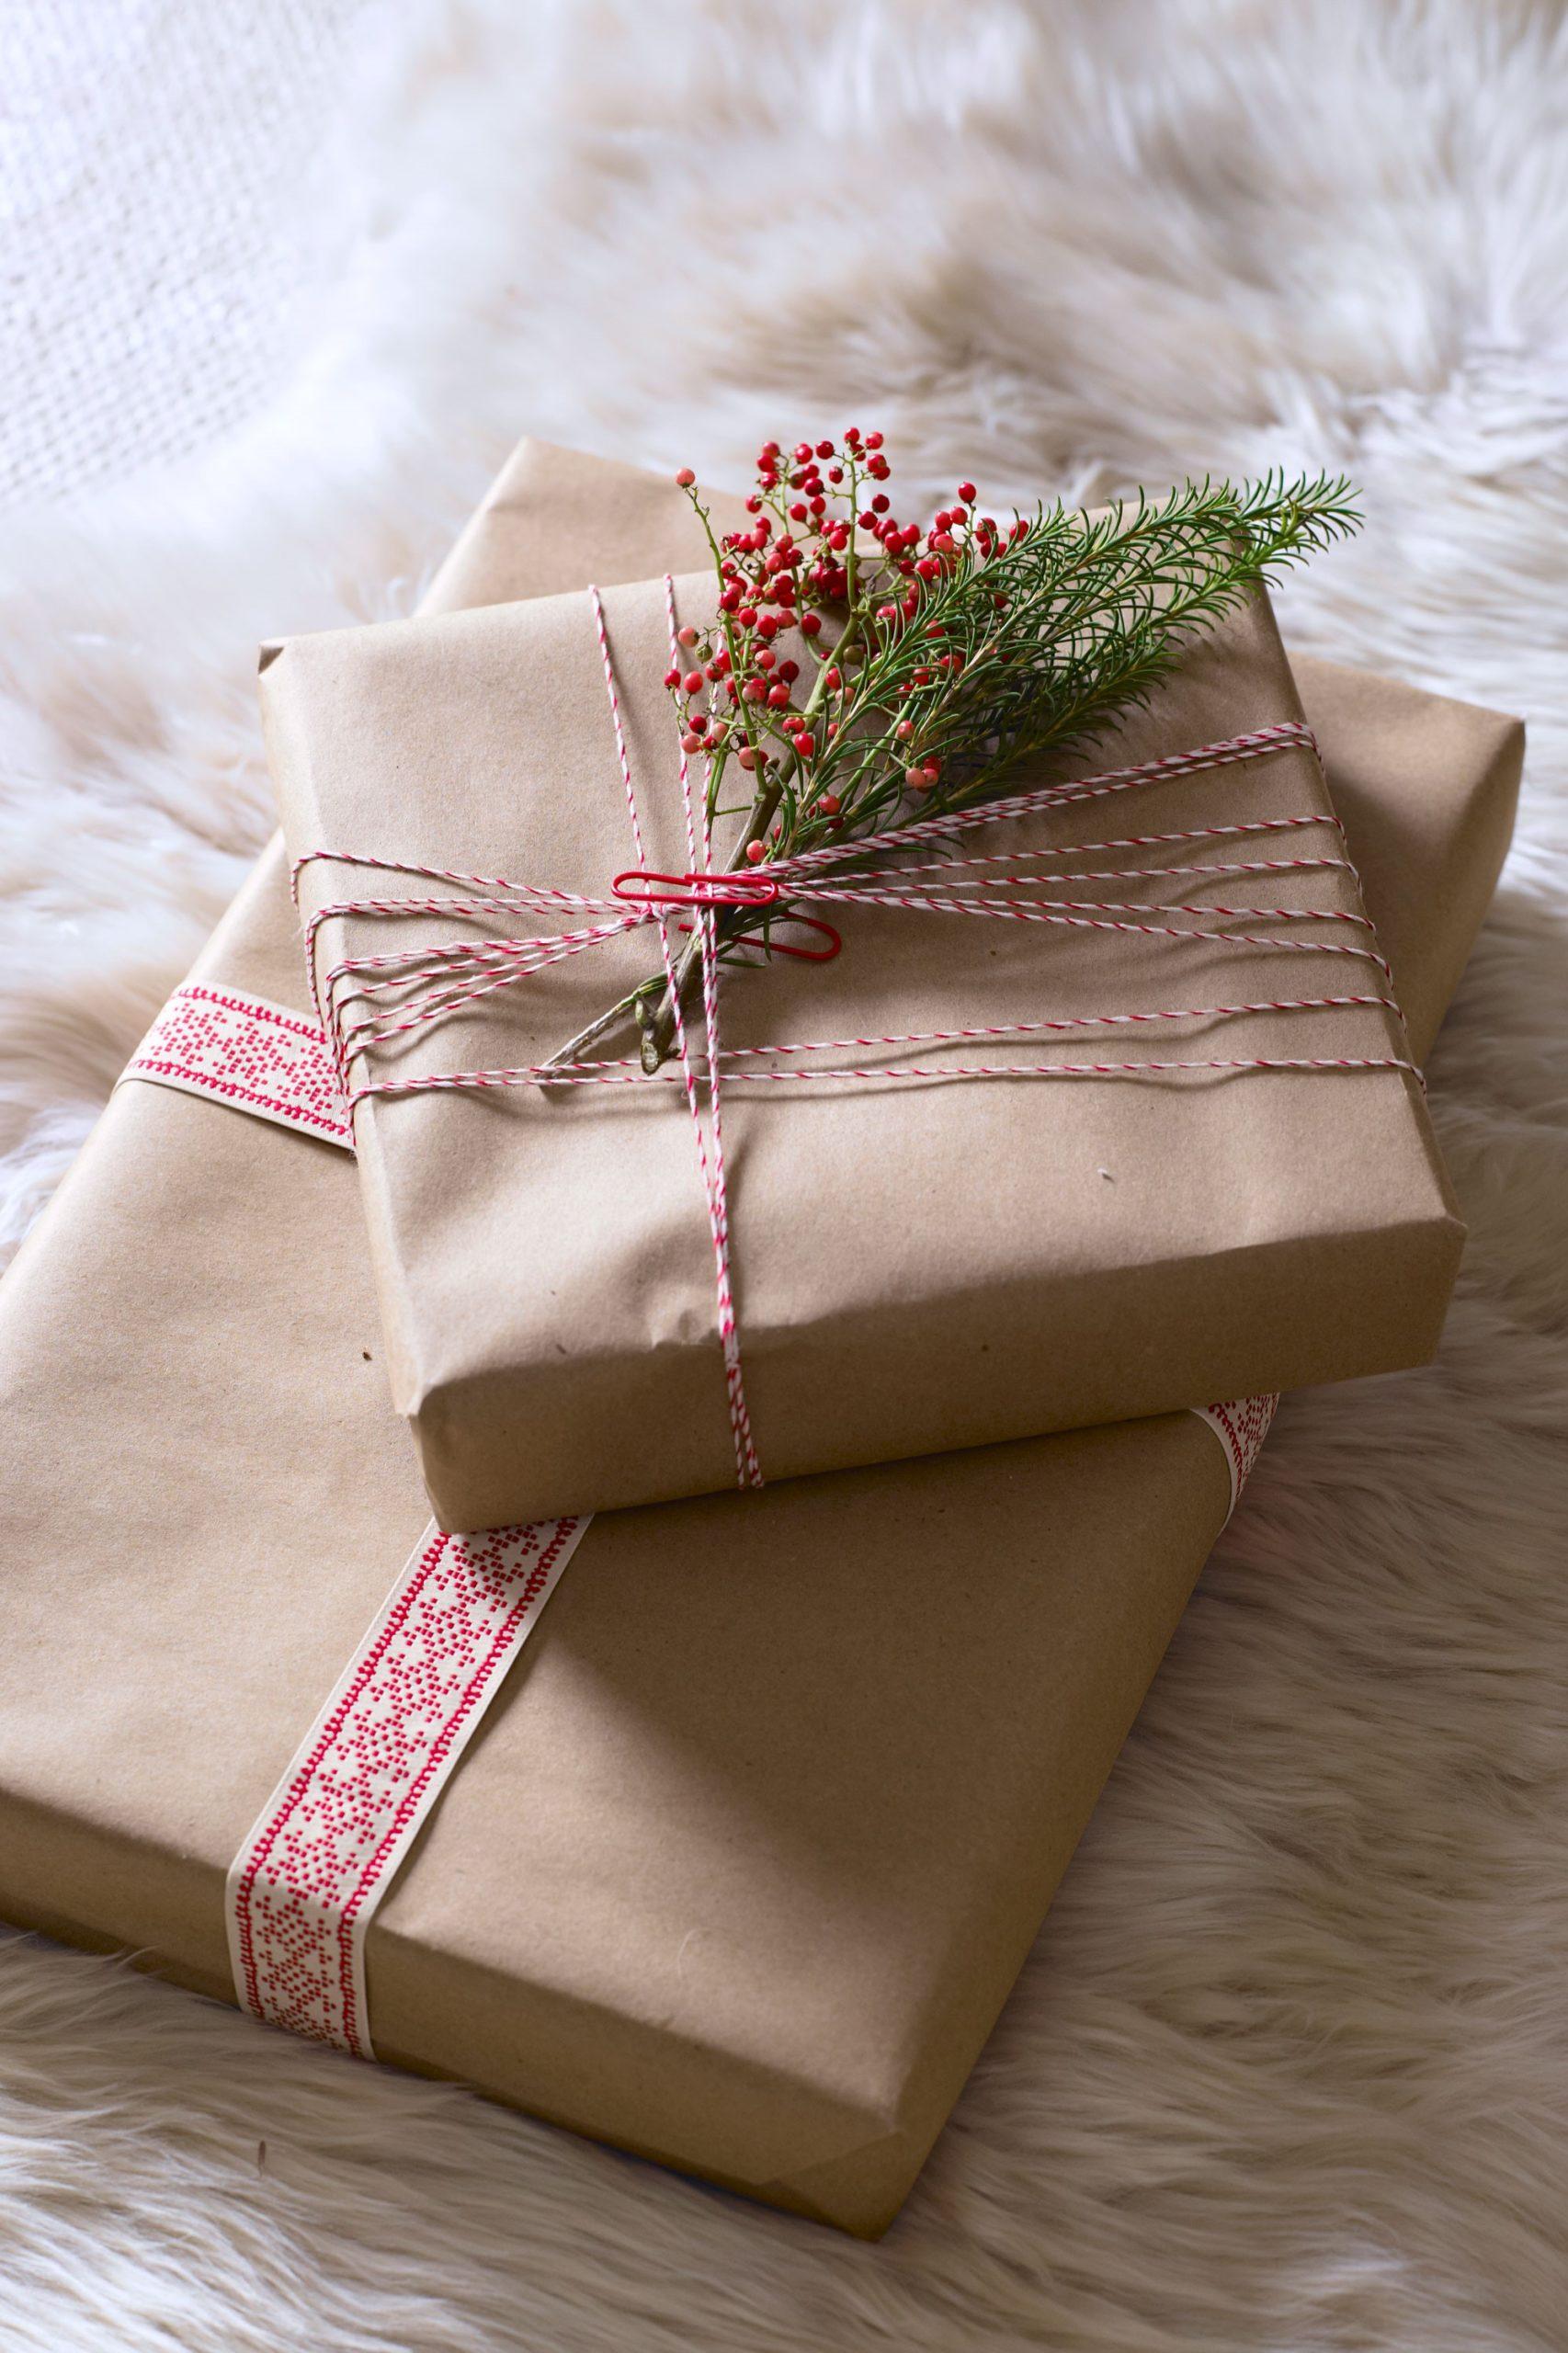 Comment faire un paquet cadeau original? Ajouter quelques brins de romarin pour obtenir ce look naturel.